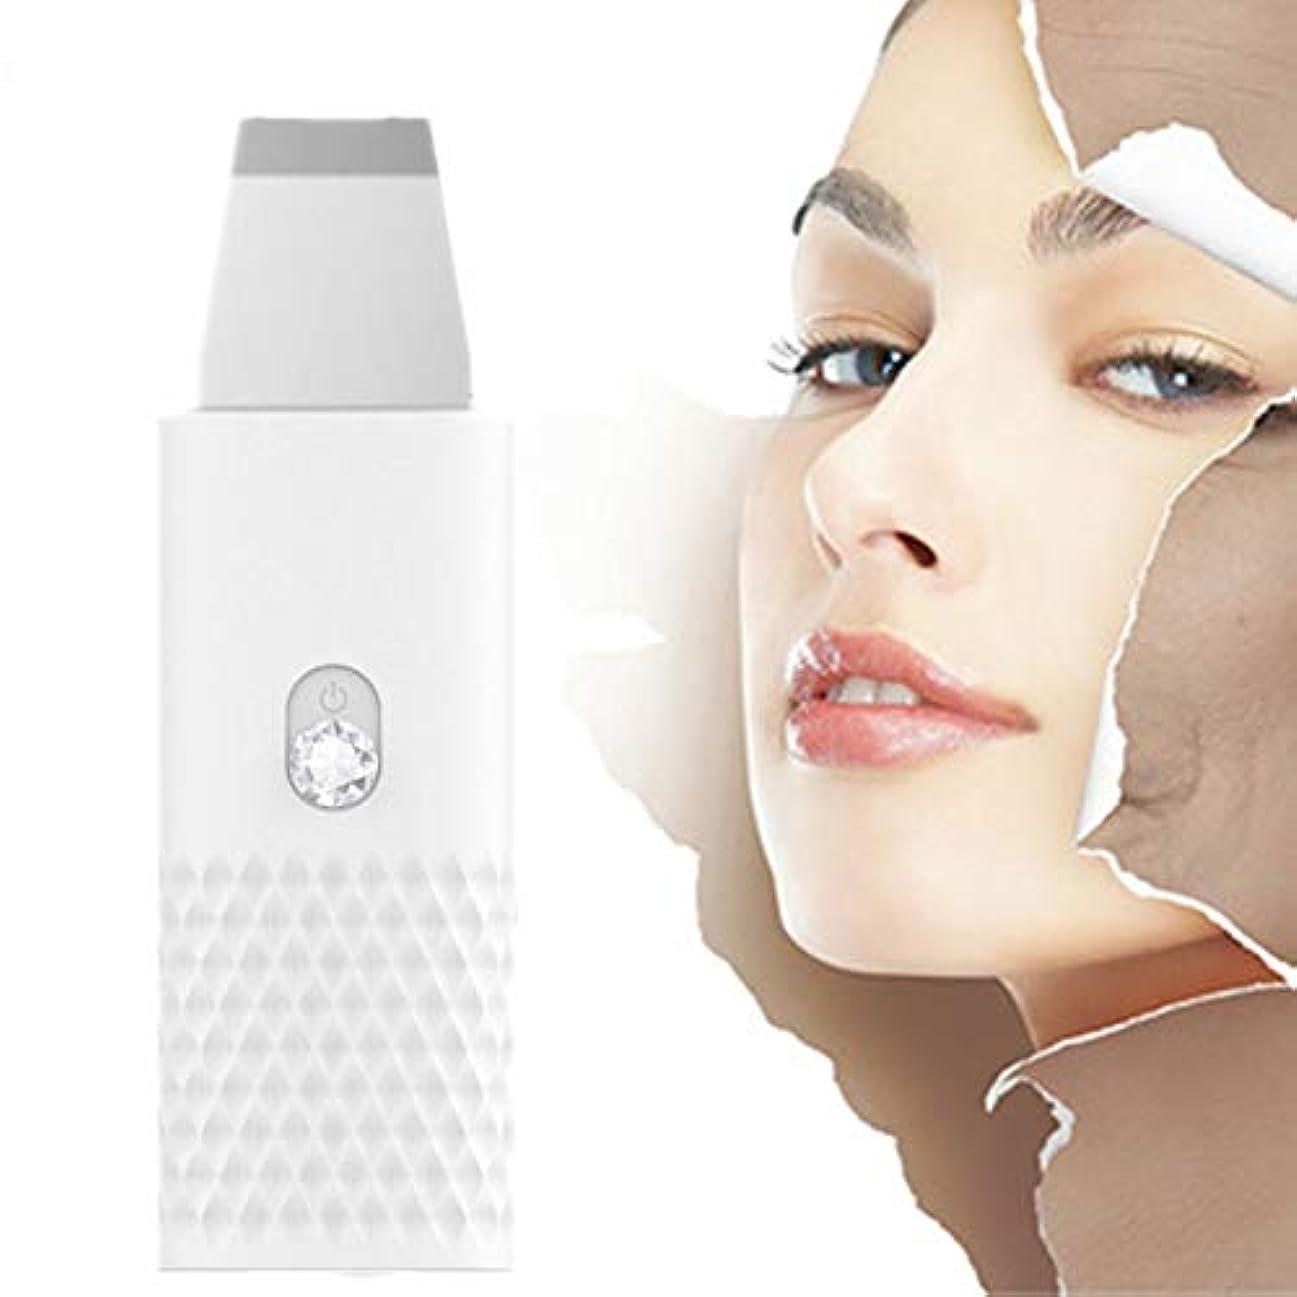 混合した配列代替ツールクレンザー古い角質除去ホワイトピーリング顔の皮膚のスクラバーブラックヘッドリムーバー毛穴クリーナー電気EMS導入モードUSB充電女性のスキンマッサージスクラバー?フェイシャルリフティング